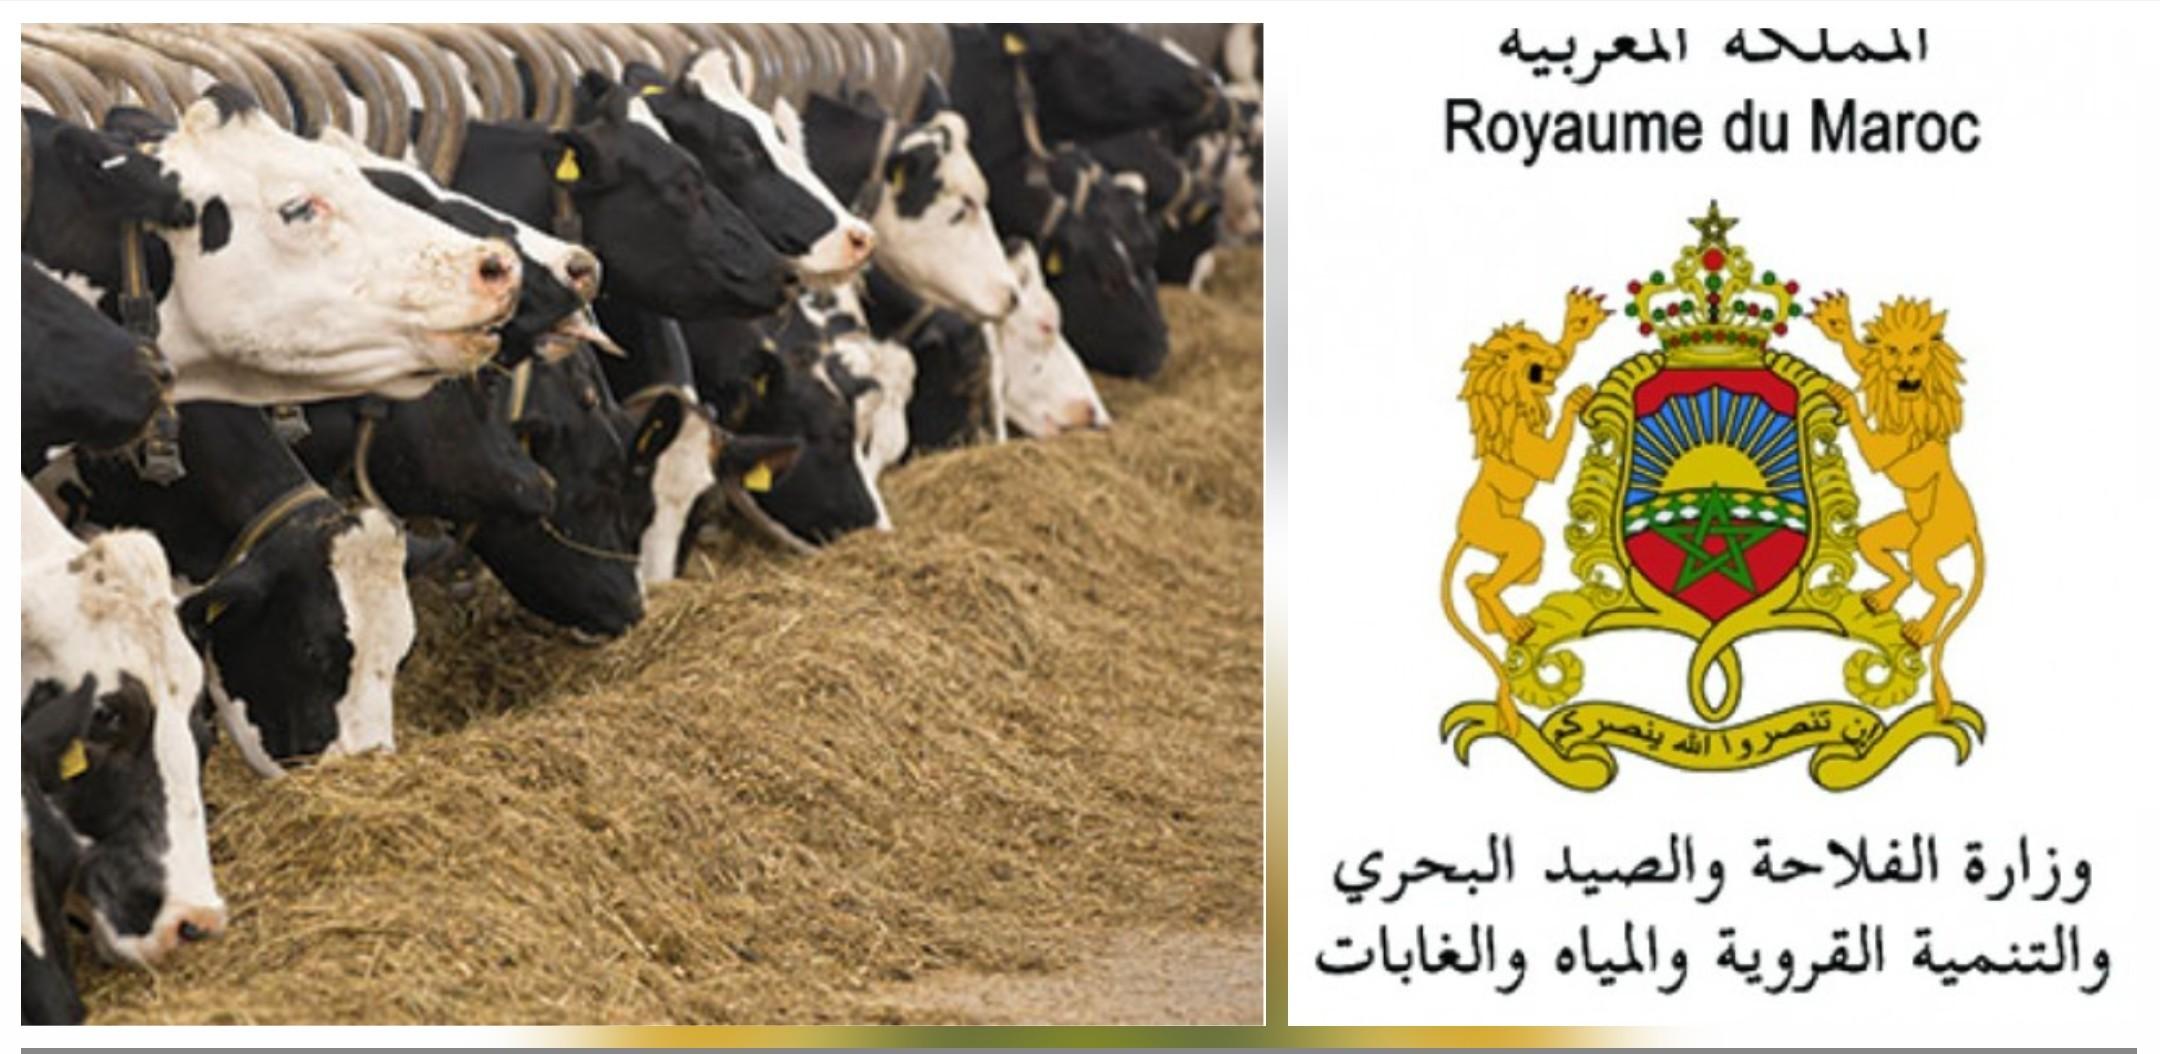 وزارة الفلاحة تطلق برنامجا خاصا لدعم علف الماشية